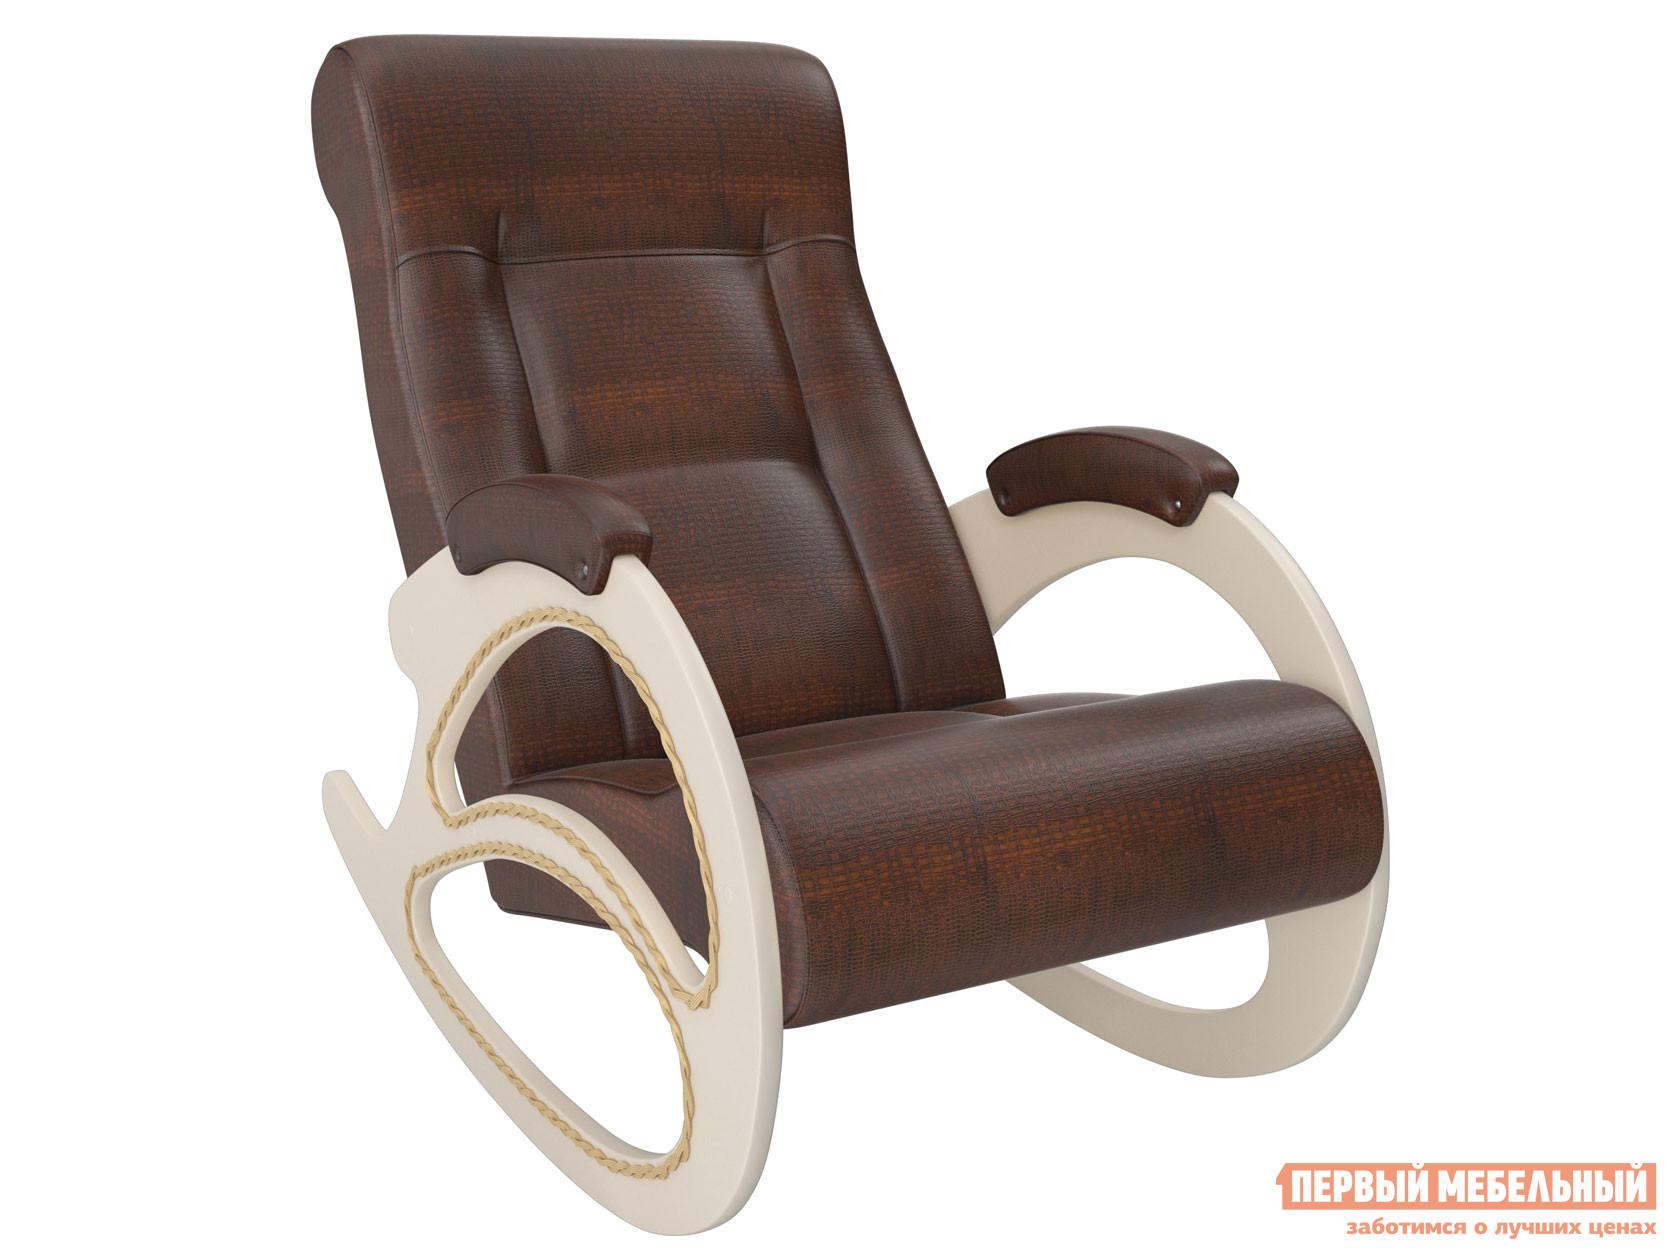 Кресло-качалка Мебель Импэкс Кресло-качалка Комфорт Модель 4 кресло качалка мебель импэкс кресло качалка складное белтех